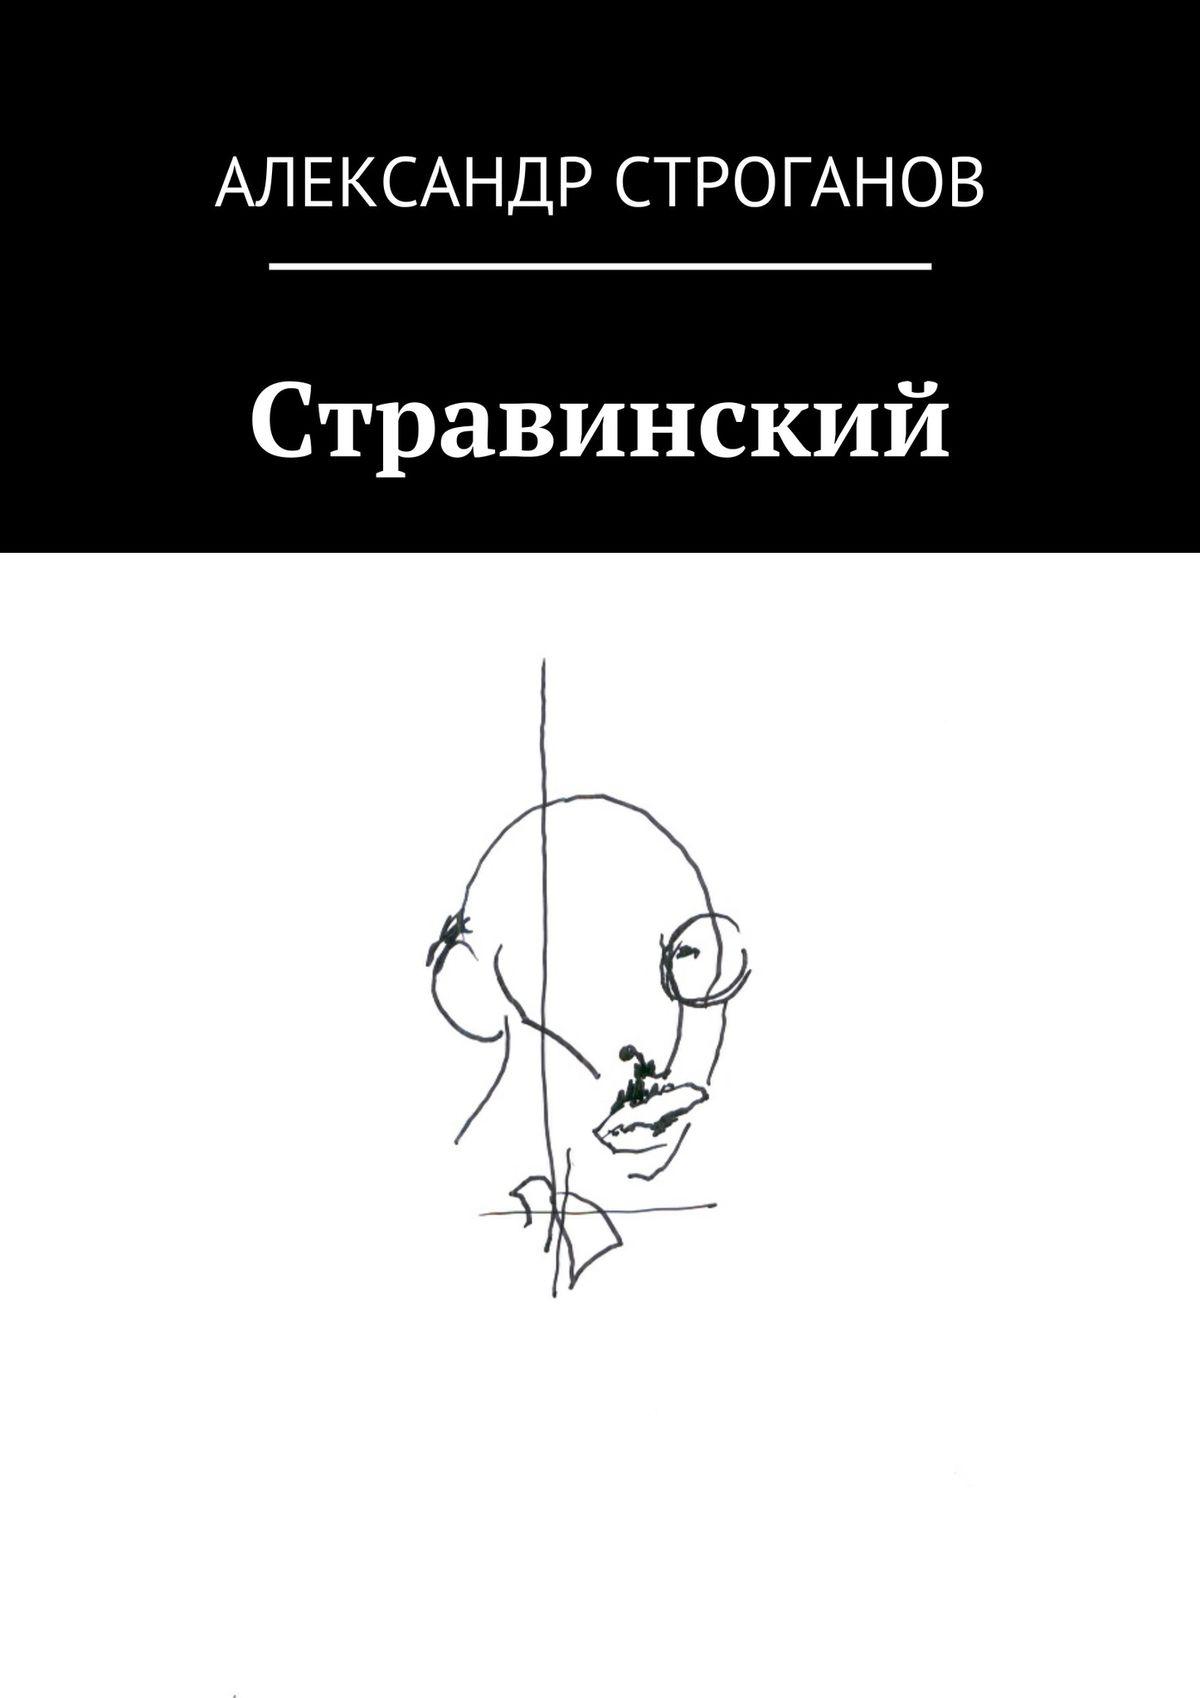 Александр Строганов Стравинский неизвестный автор граф александр сергеевич строганов